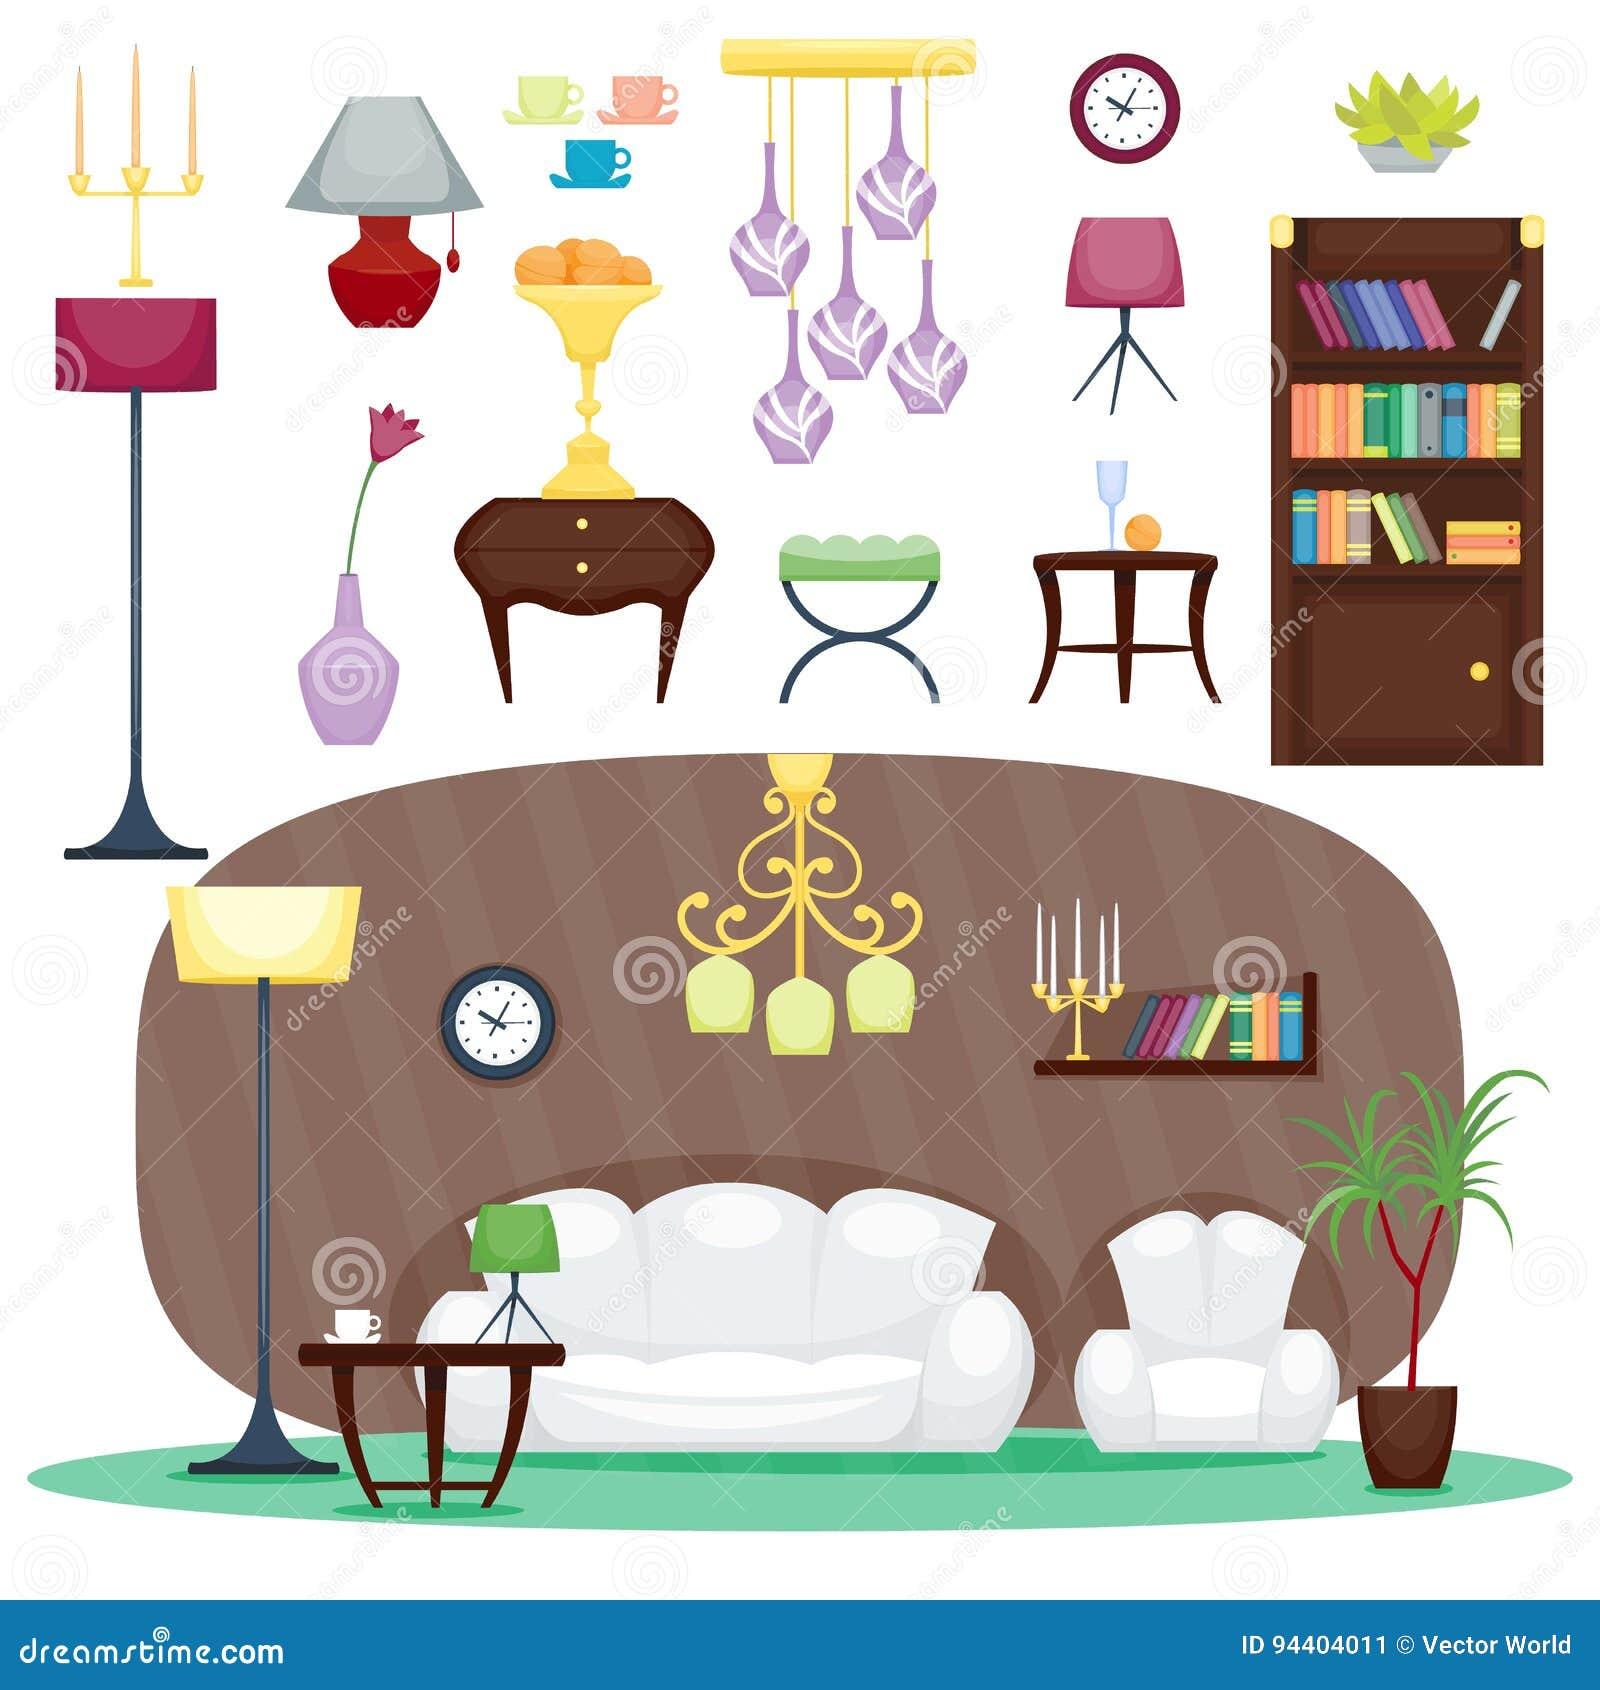 Furniture Room Interior Design Home Decor Concept Icon Set